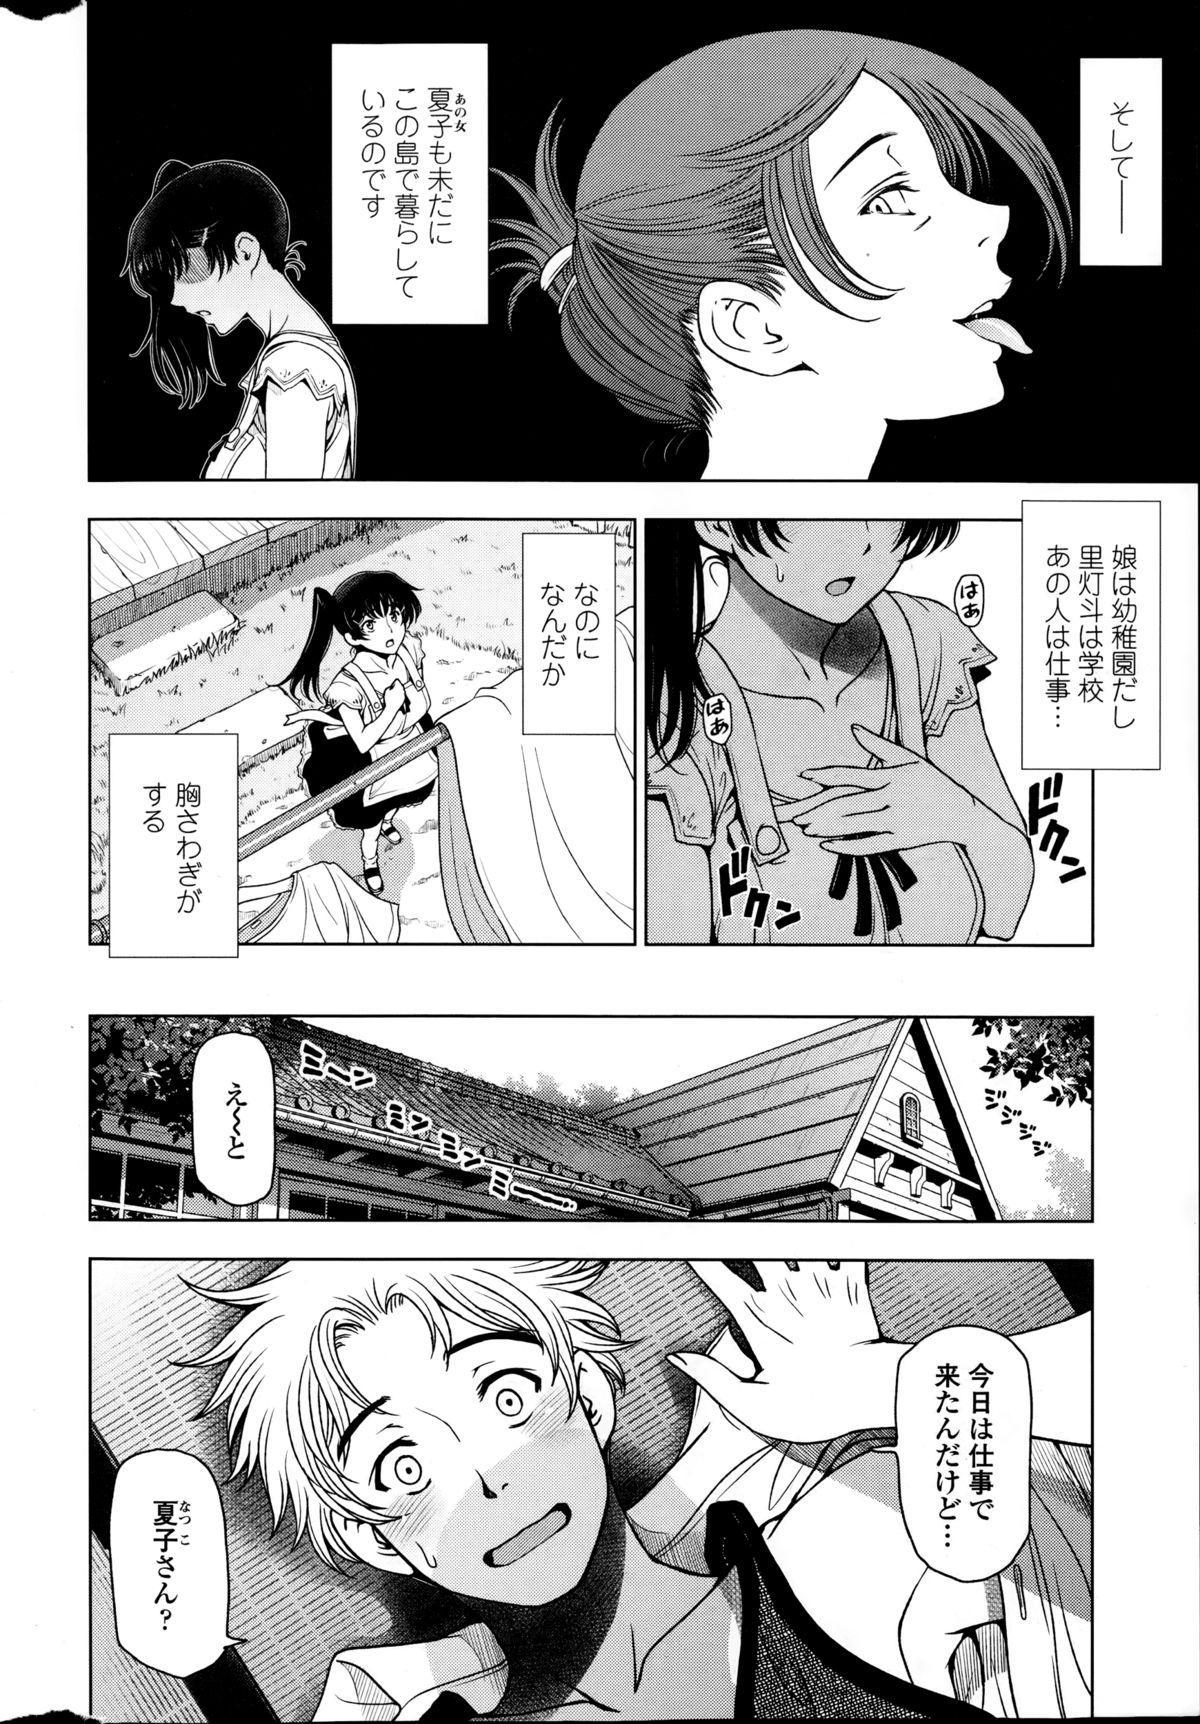 Natsu jiru + extra 123